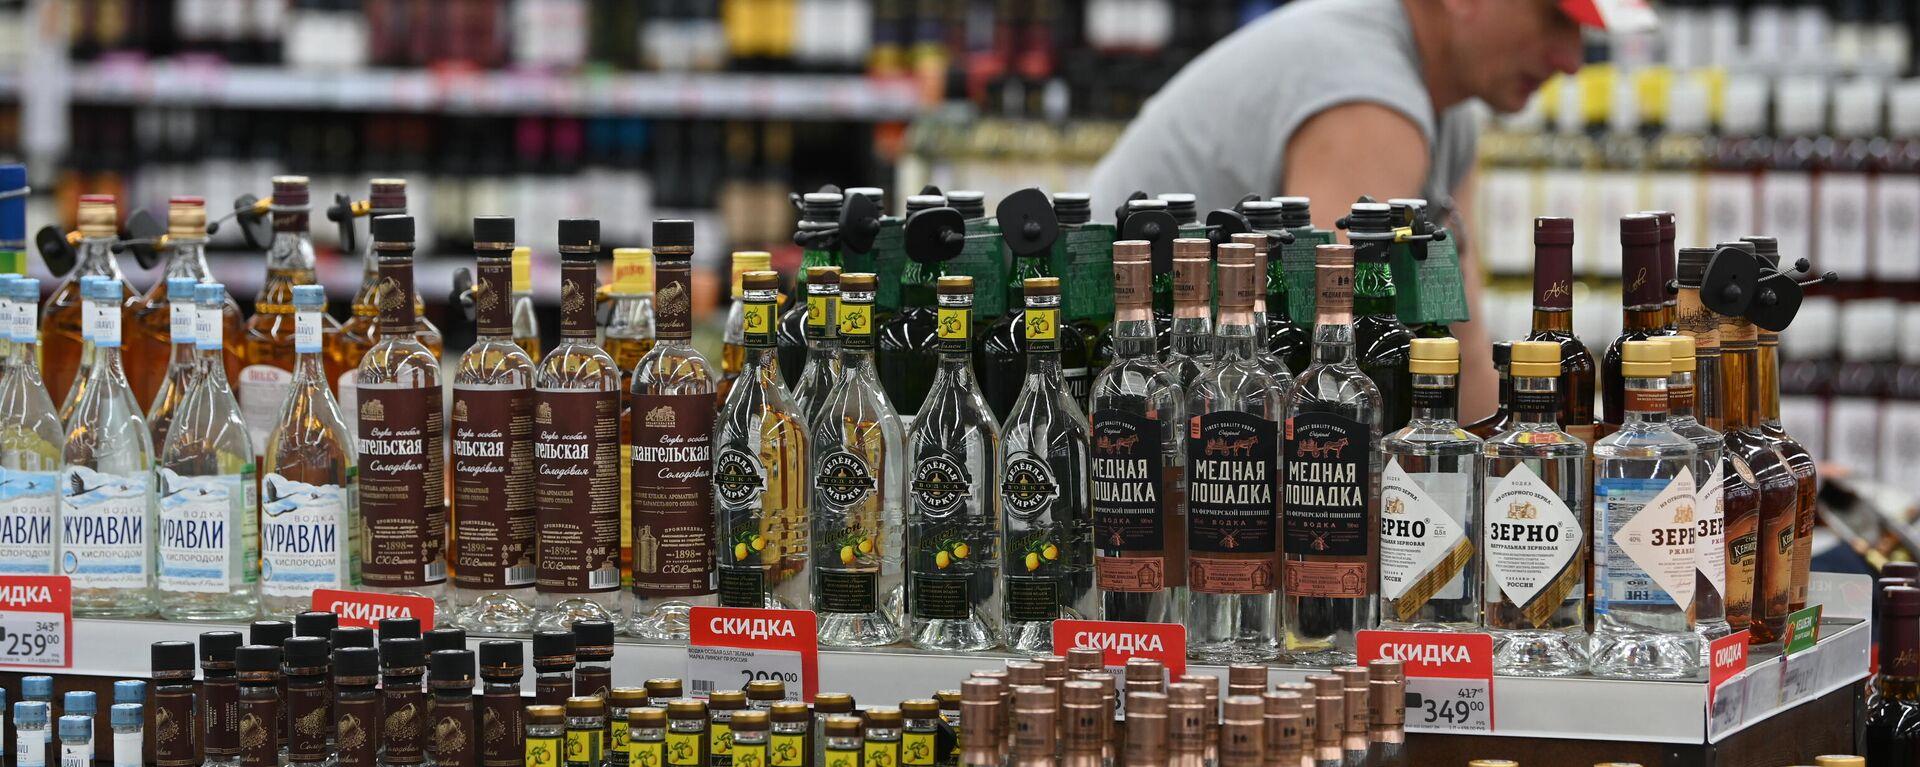 Alkoholabteilung eines russischen Supermarkts (Symbolbild) - SNA, 1920, 09.10.2021